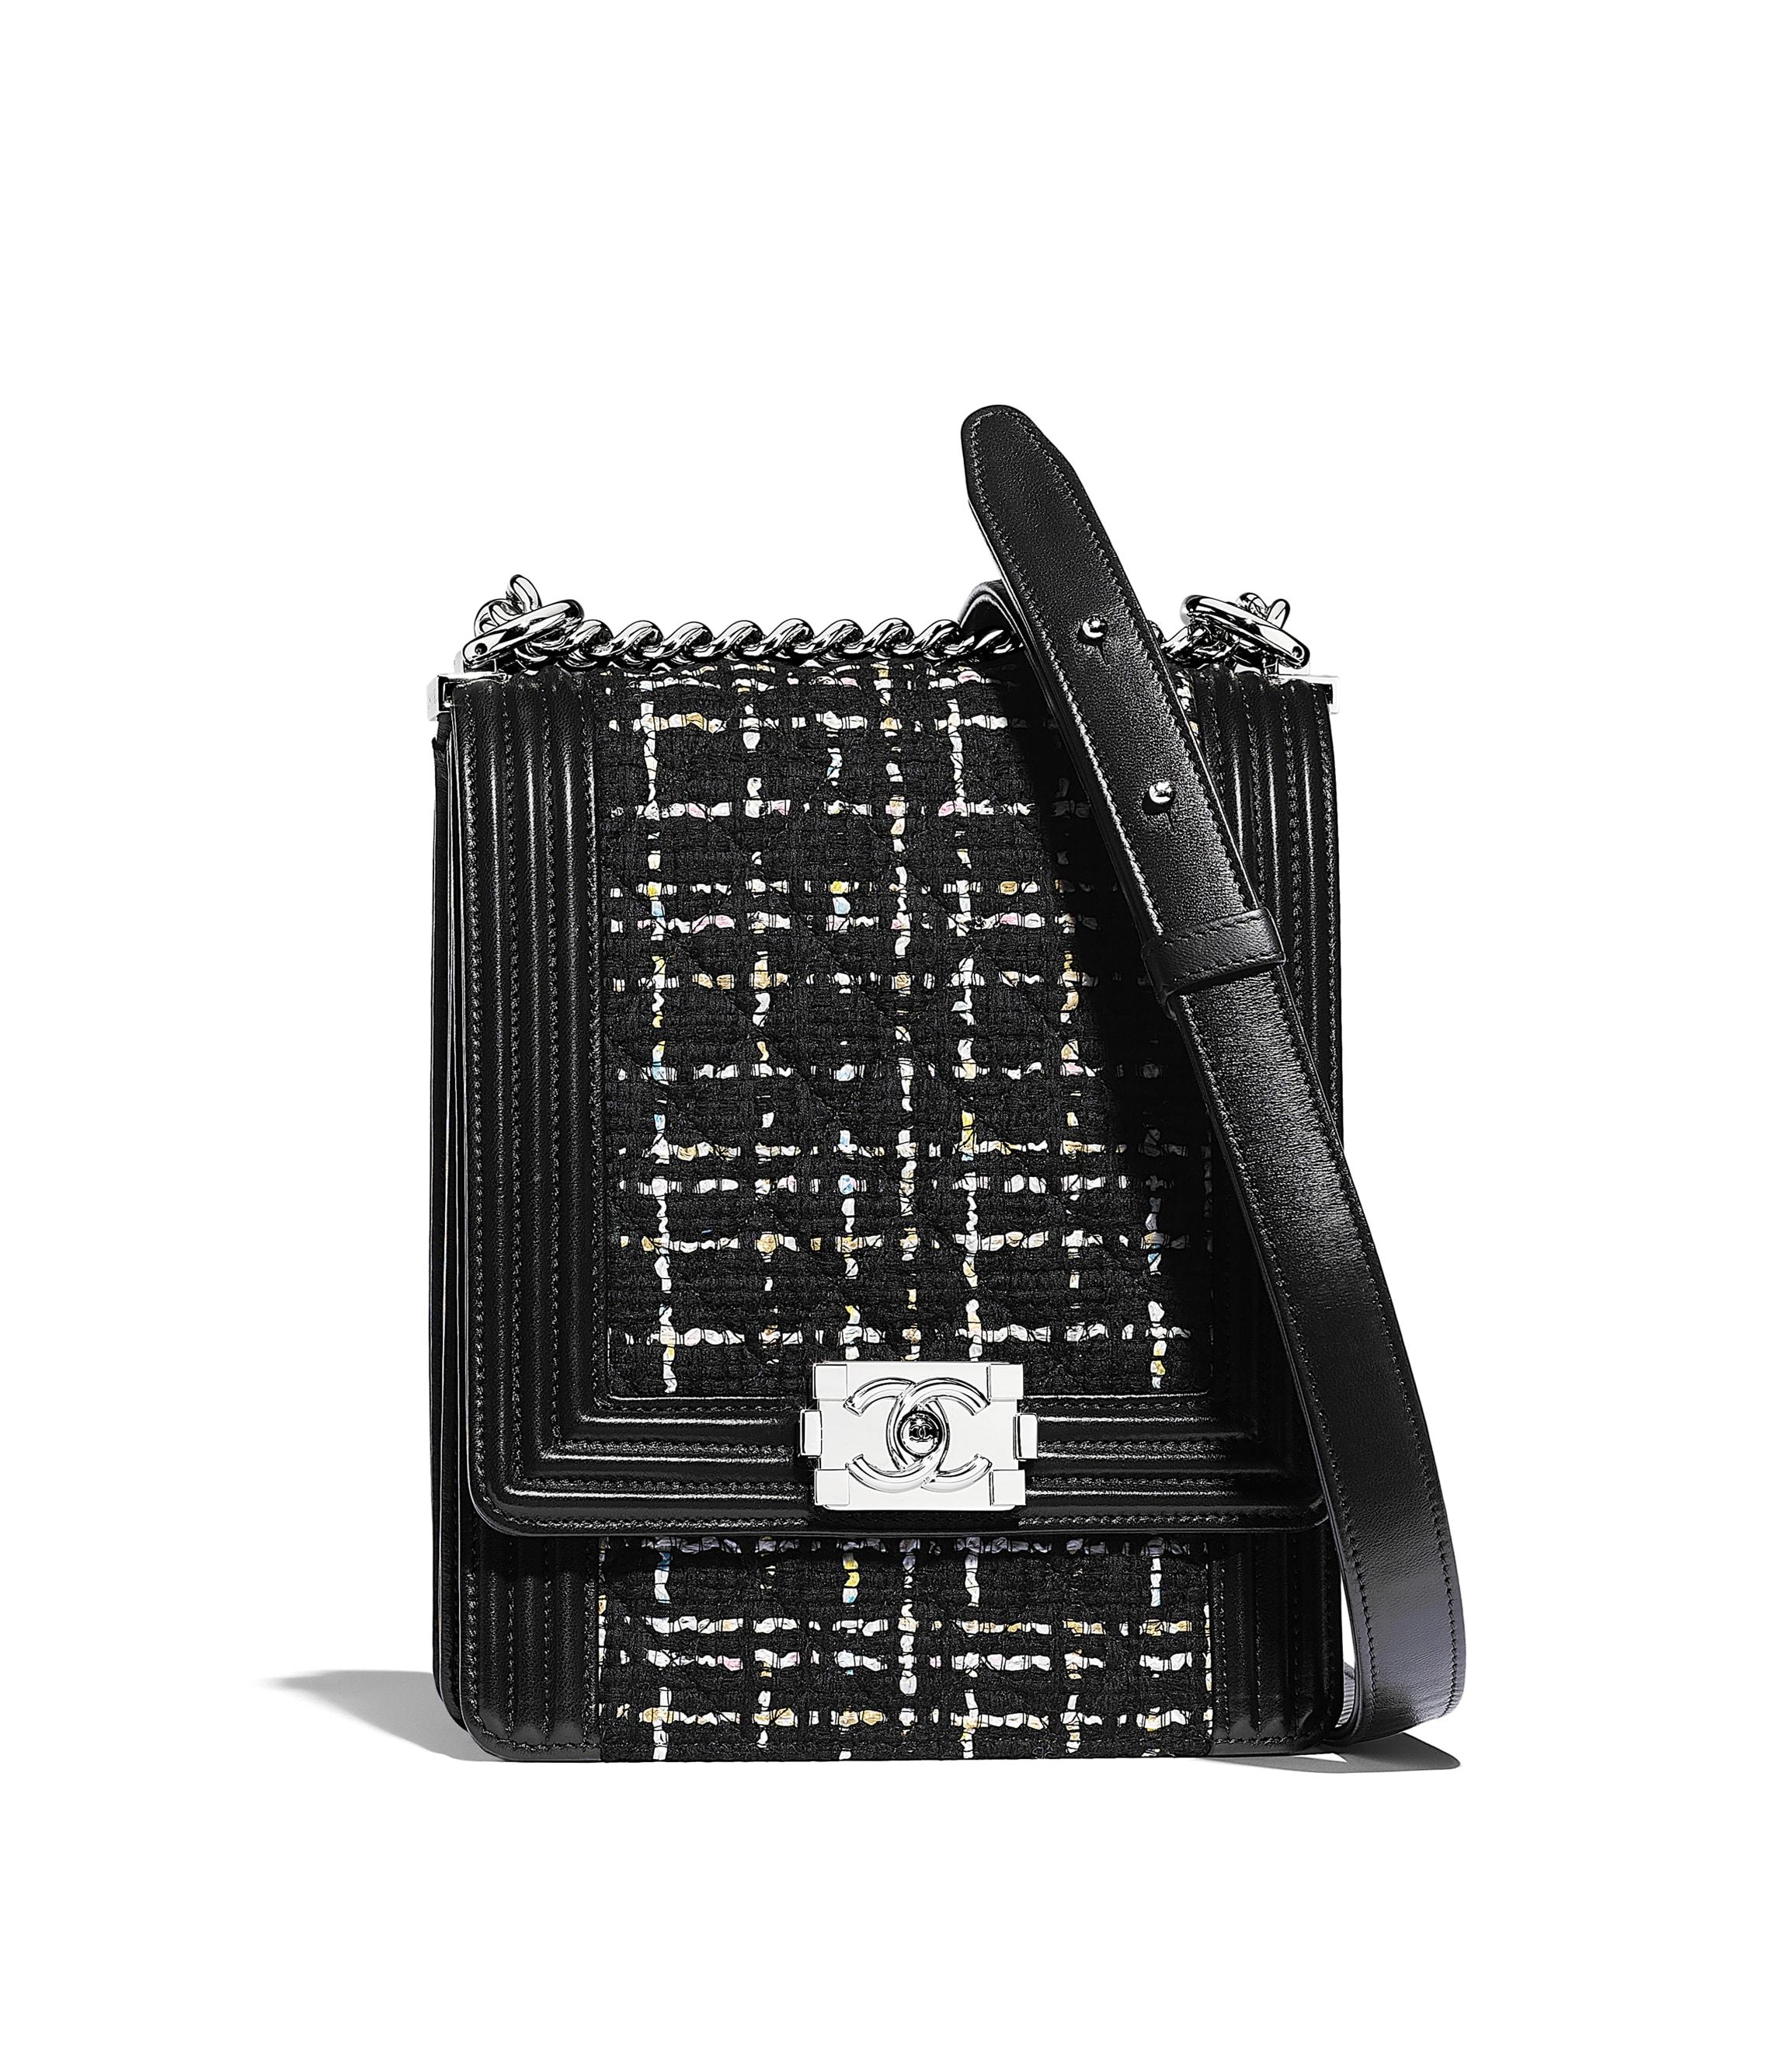 958afdbf832c BOY CHANEL - Handbags - CHANEL